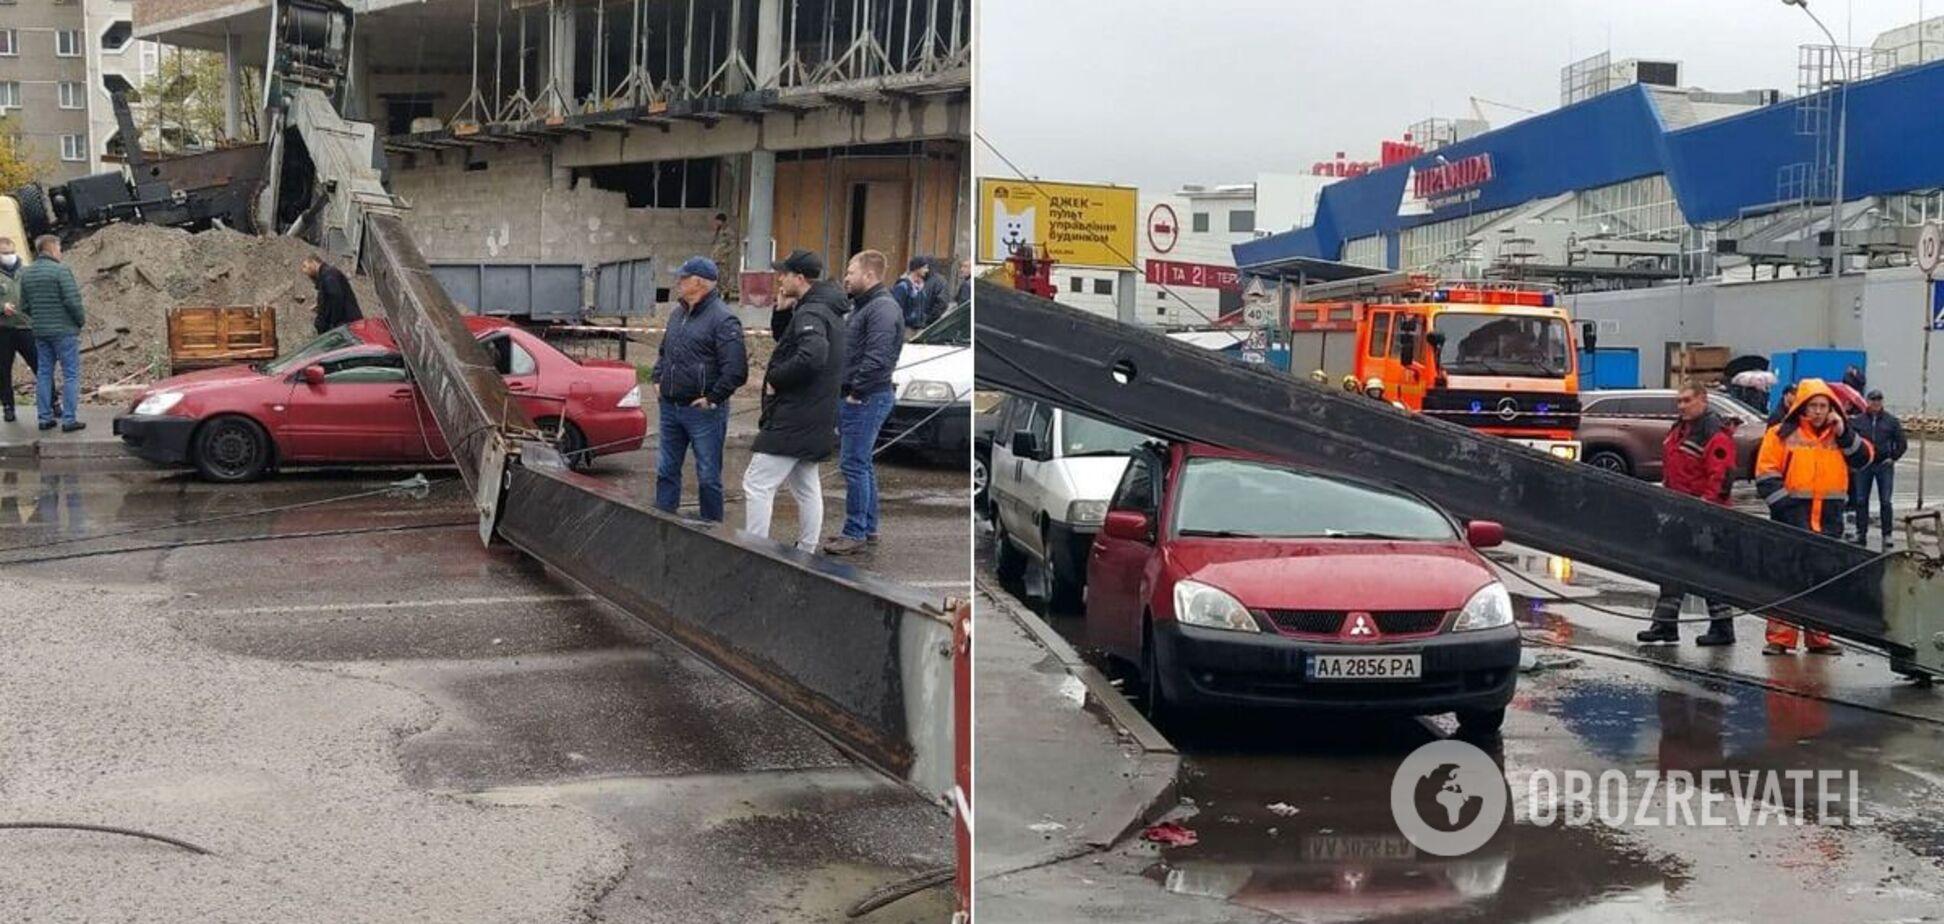 В Киеве упал строительный кран и раздавил автомобиль